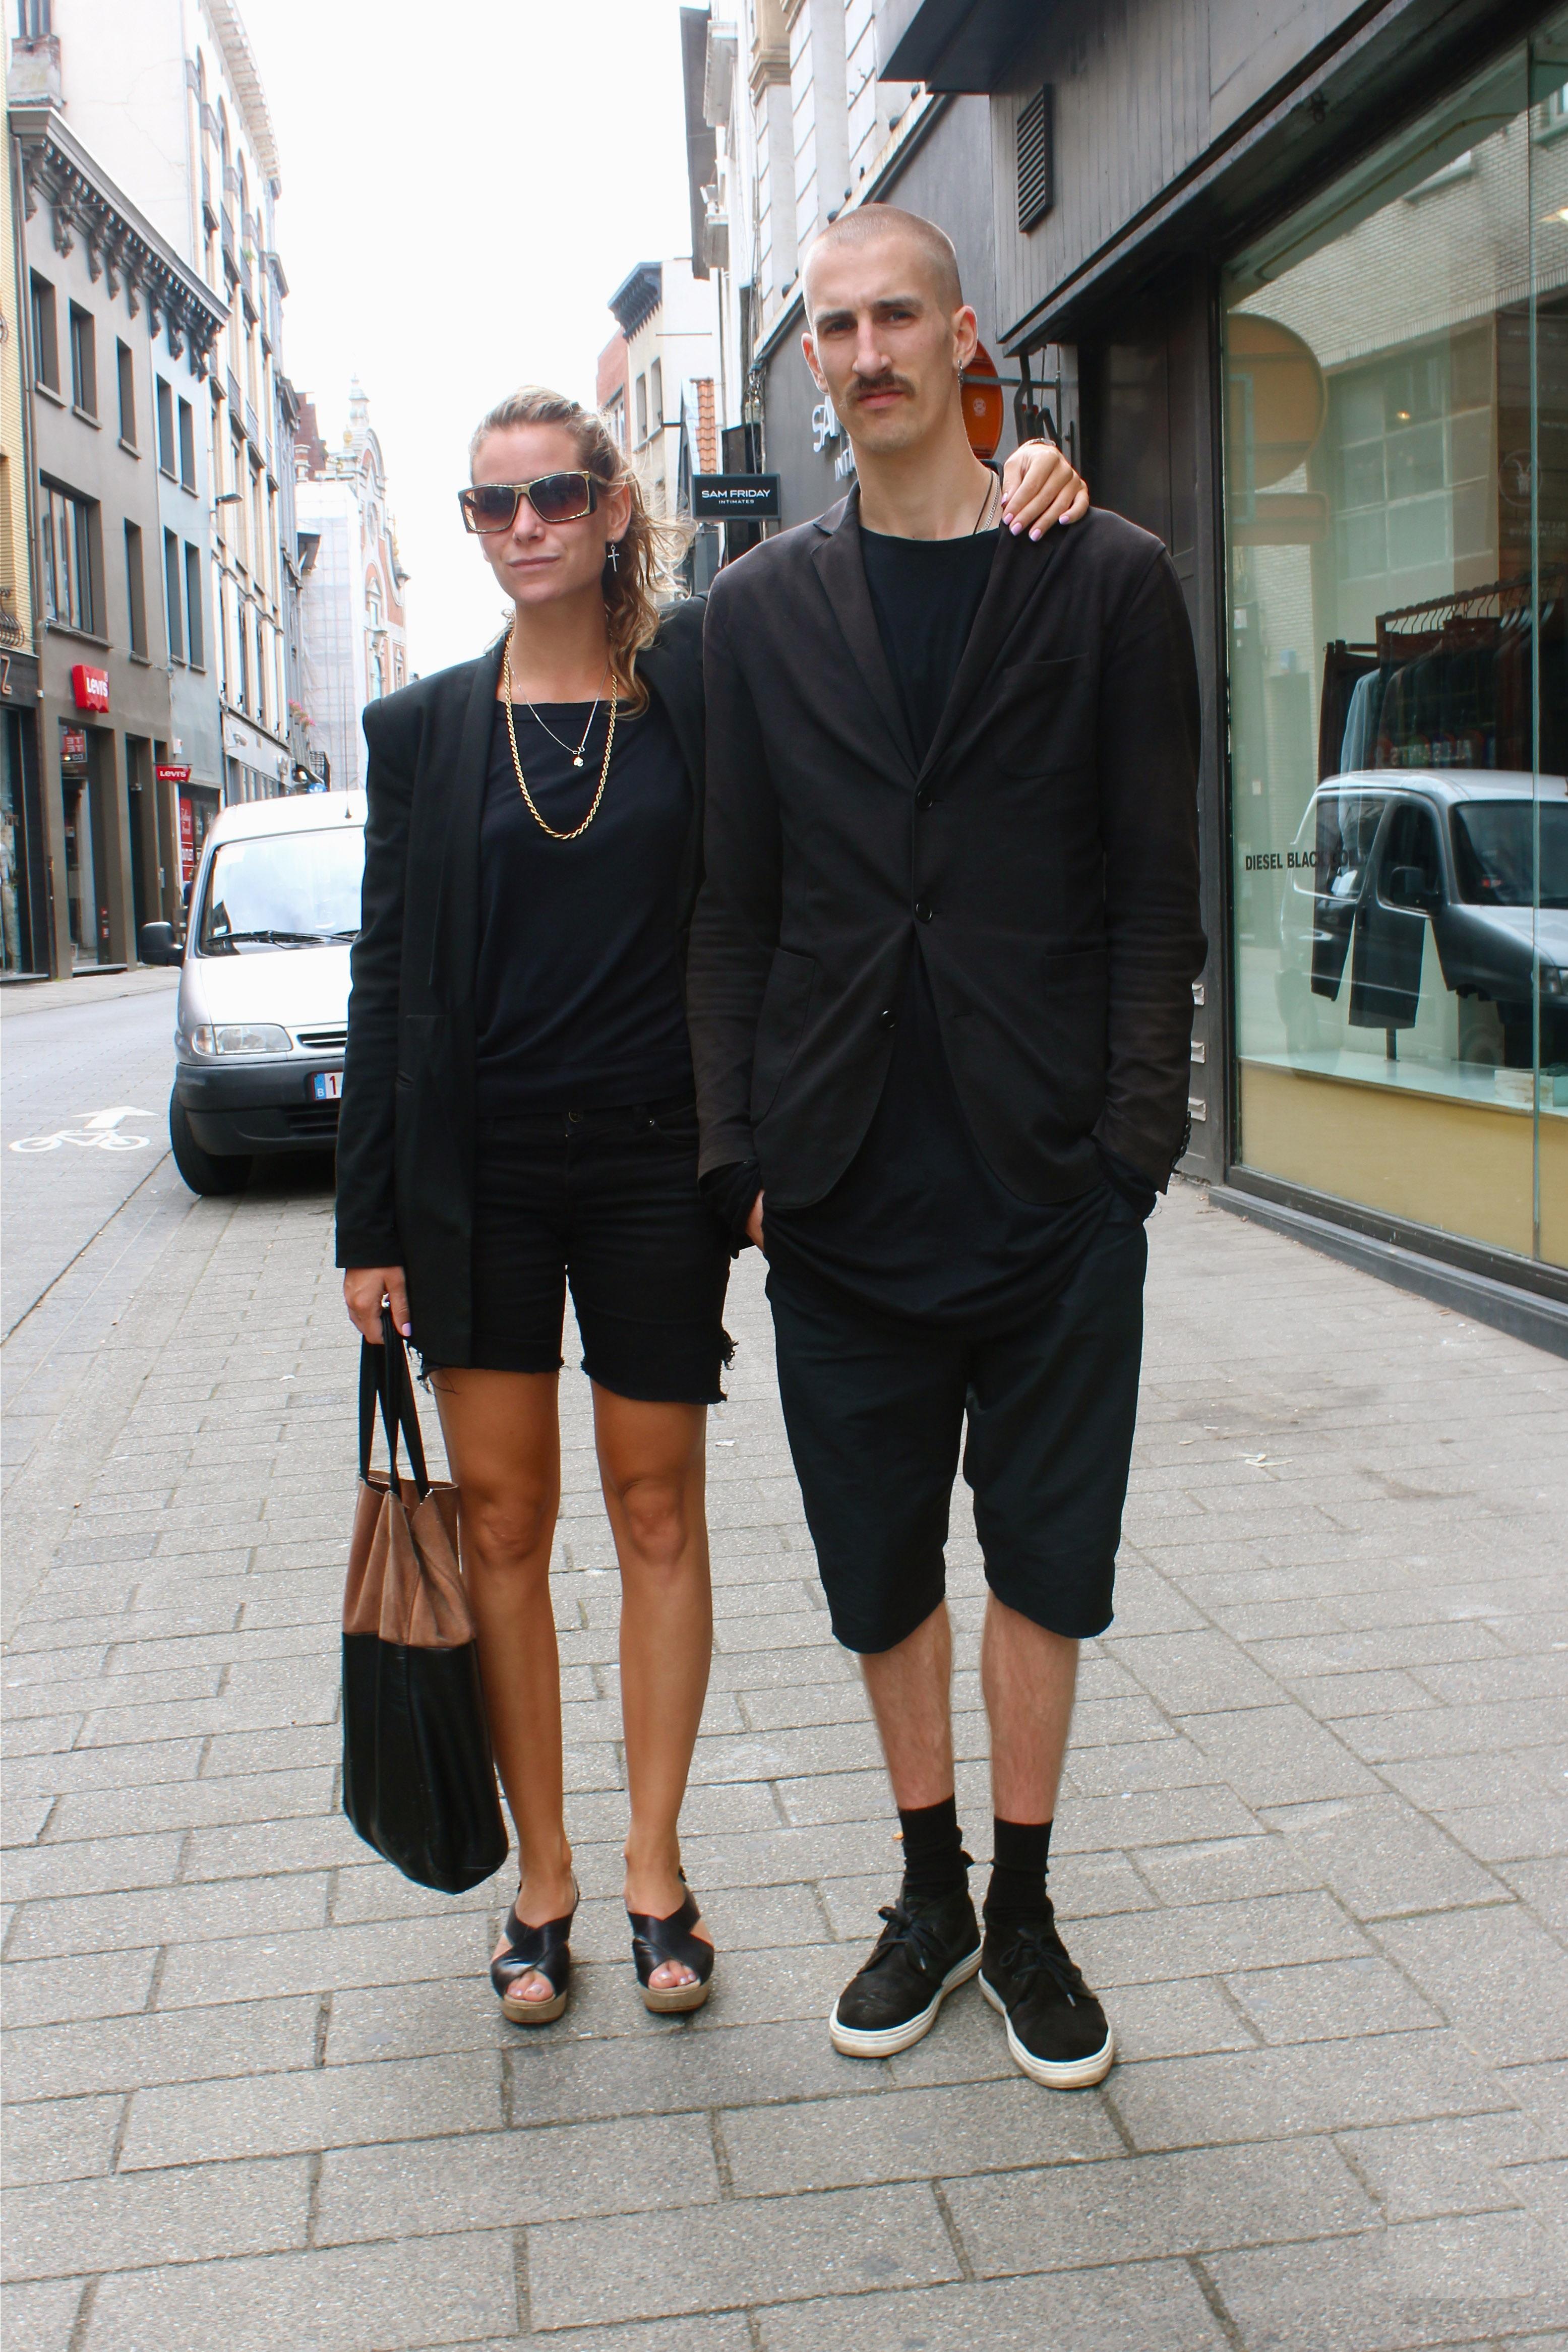 couple in black Каблуки в топку! Как меняется ваш гардероб, если вы больше не одиноки